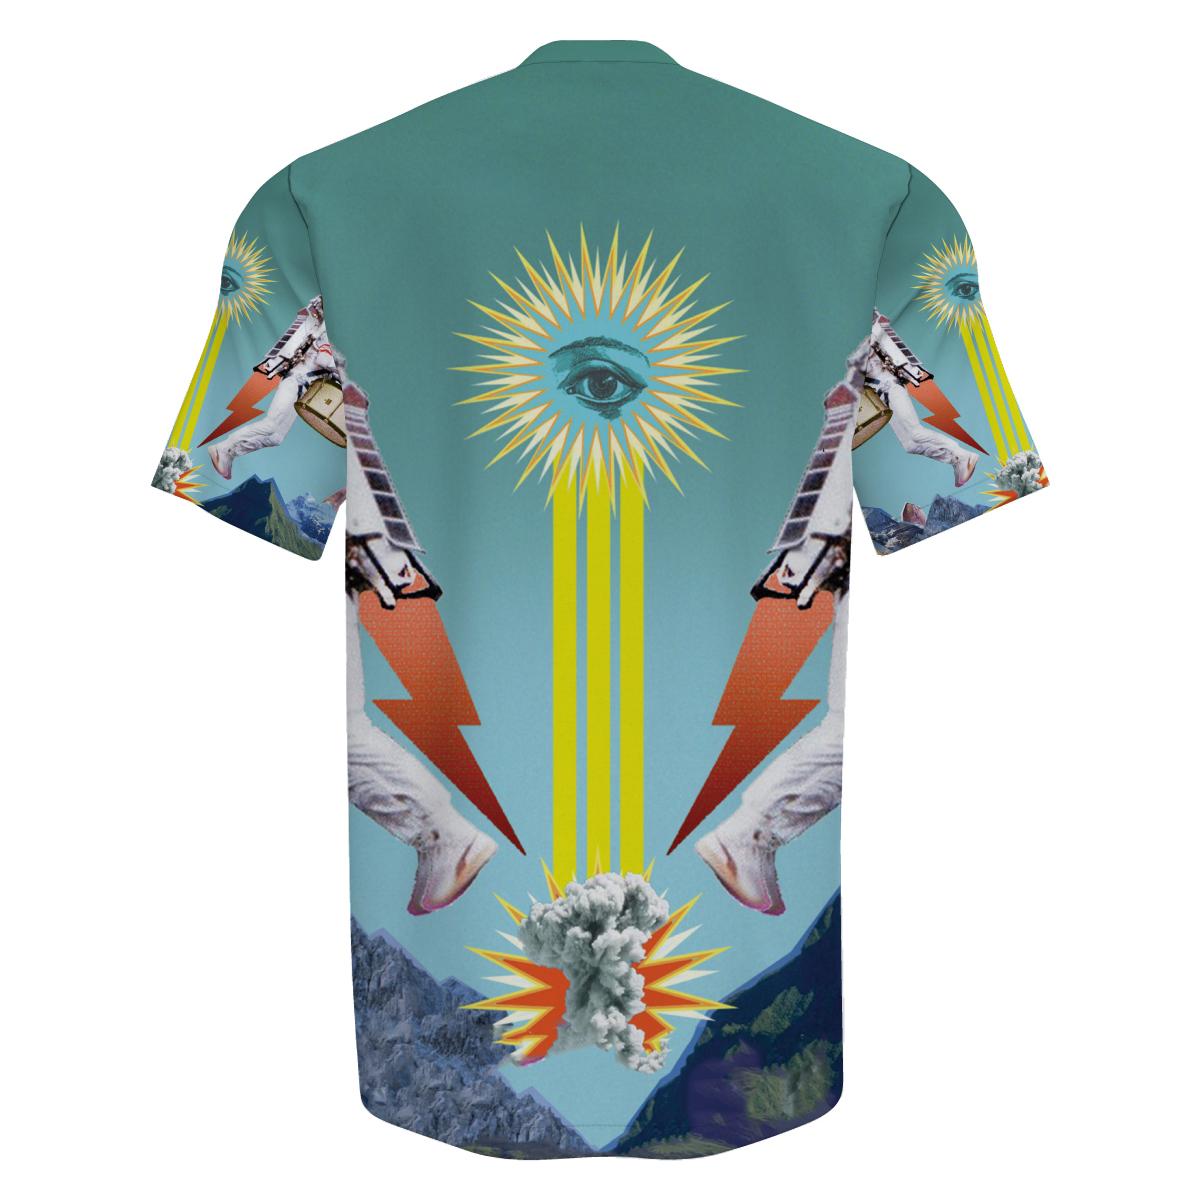 Wildstyle T-shirt